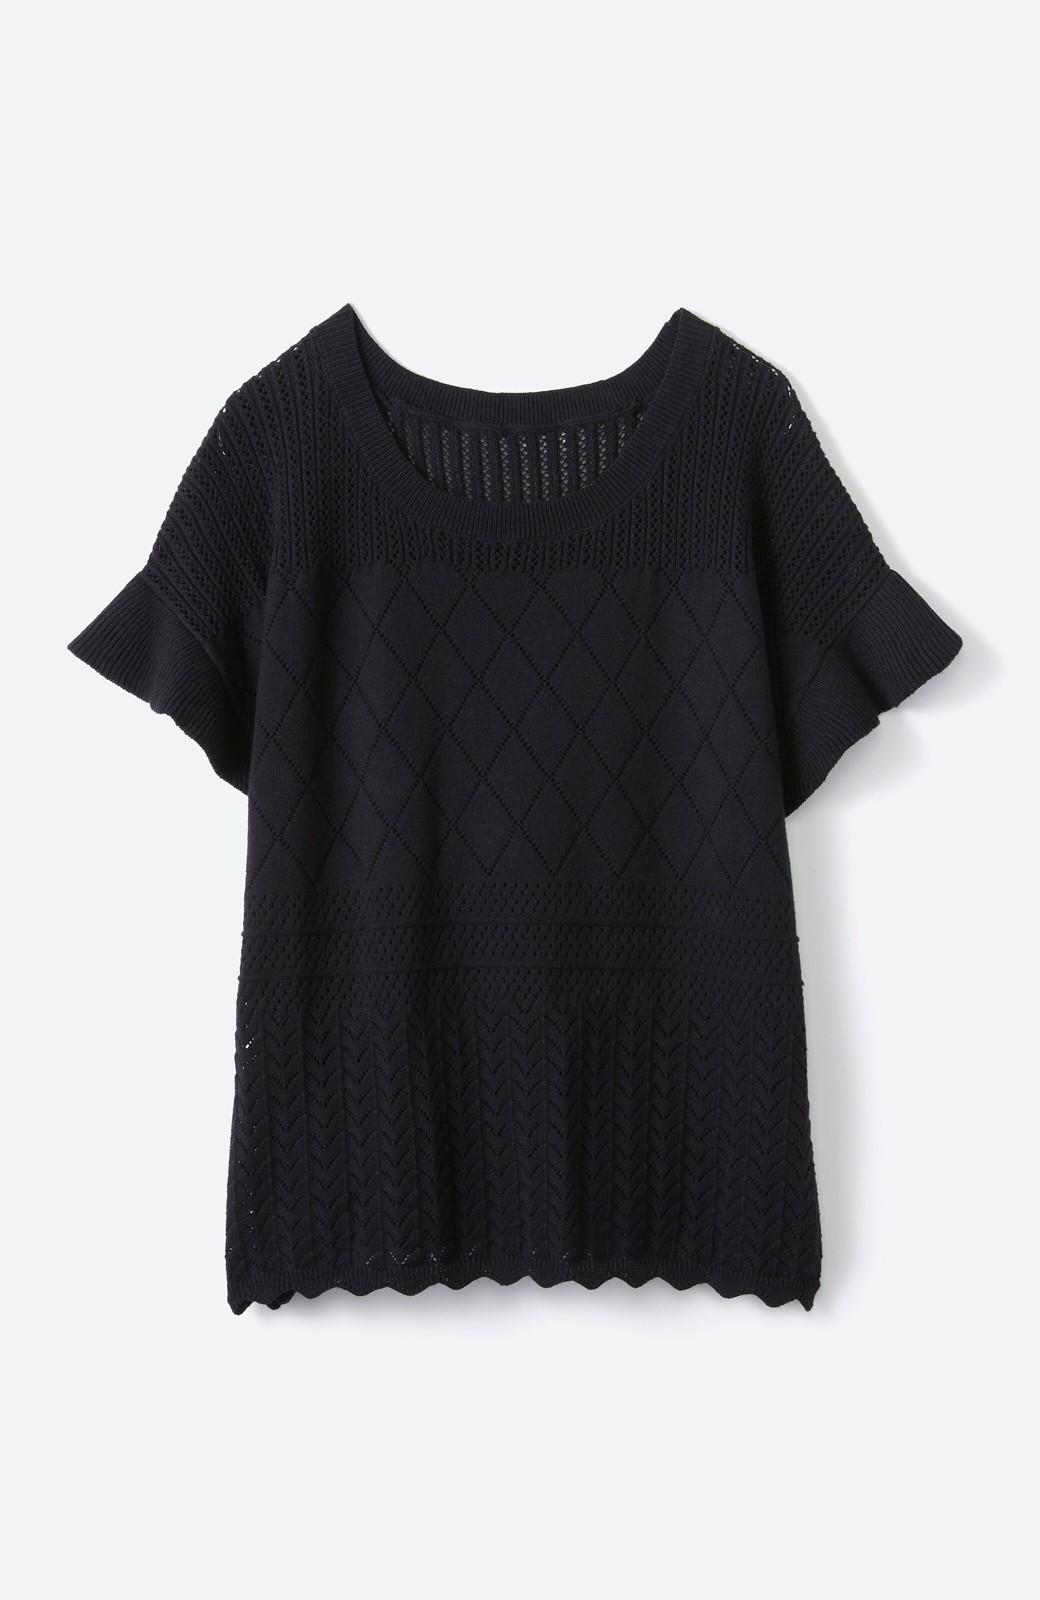 haco! (φ)透けすぎないから安心して着られる 華やか透かし編みニットトップス <ブラック>の商品写真6